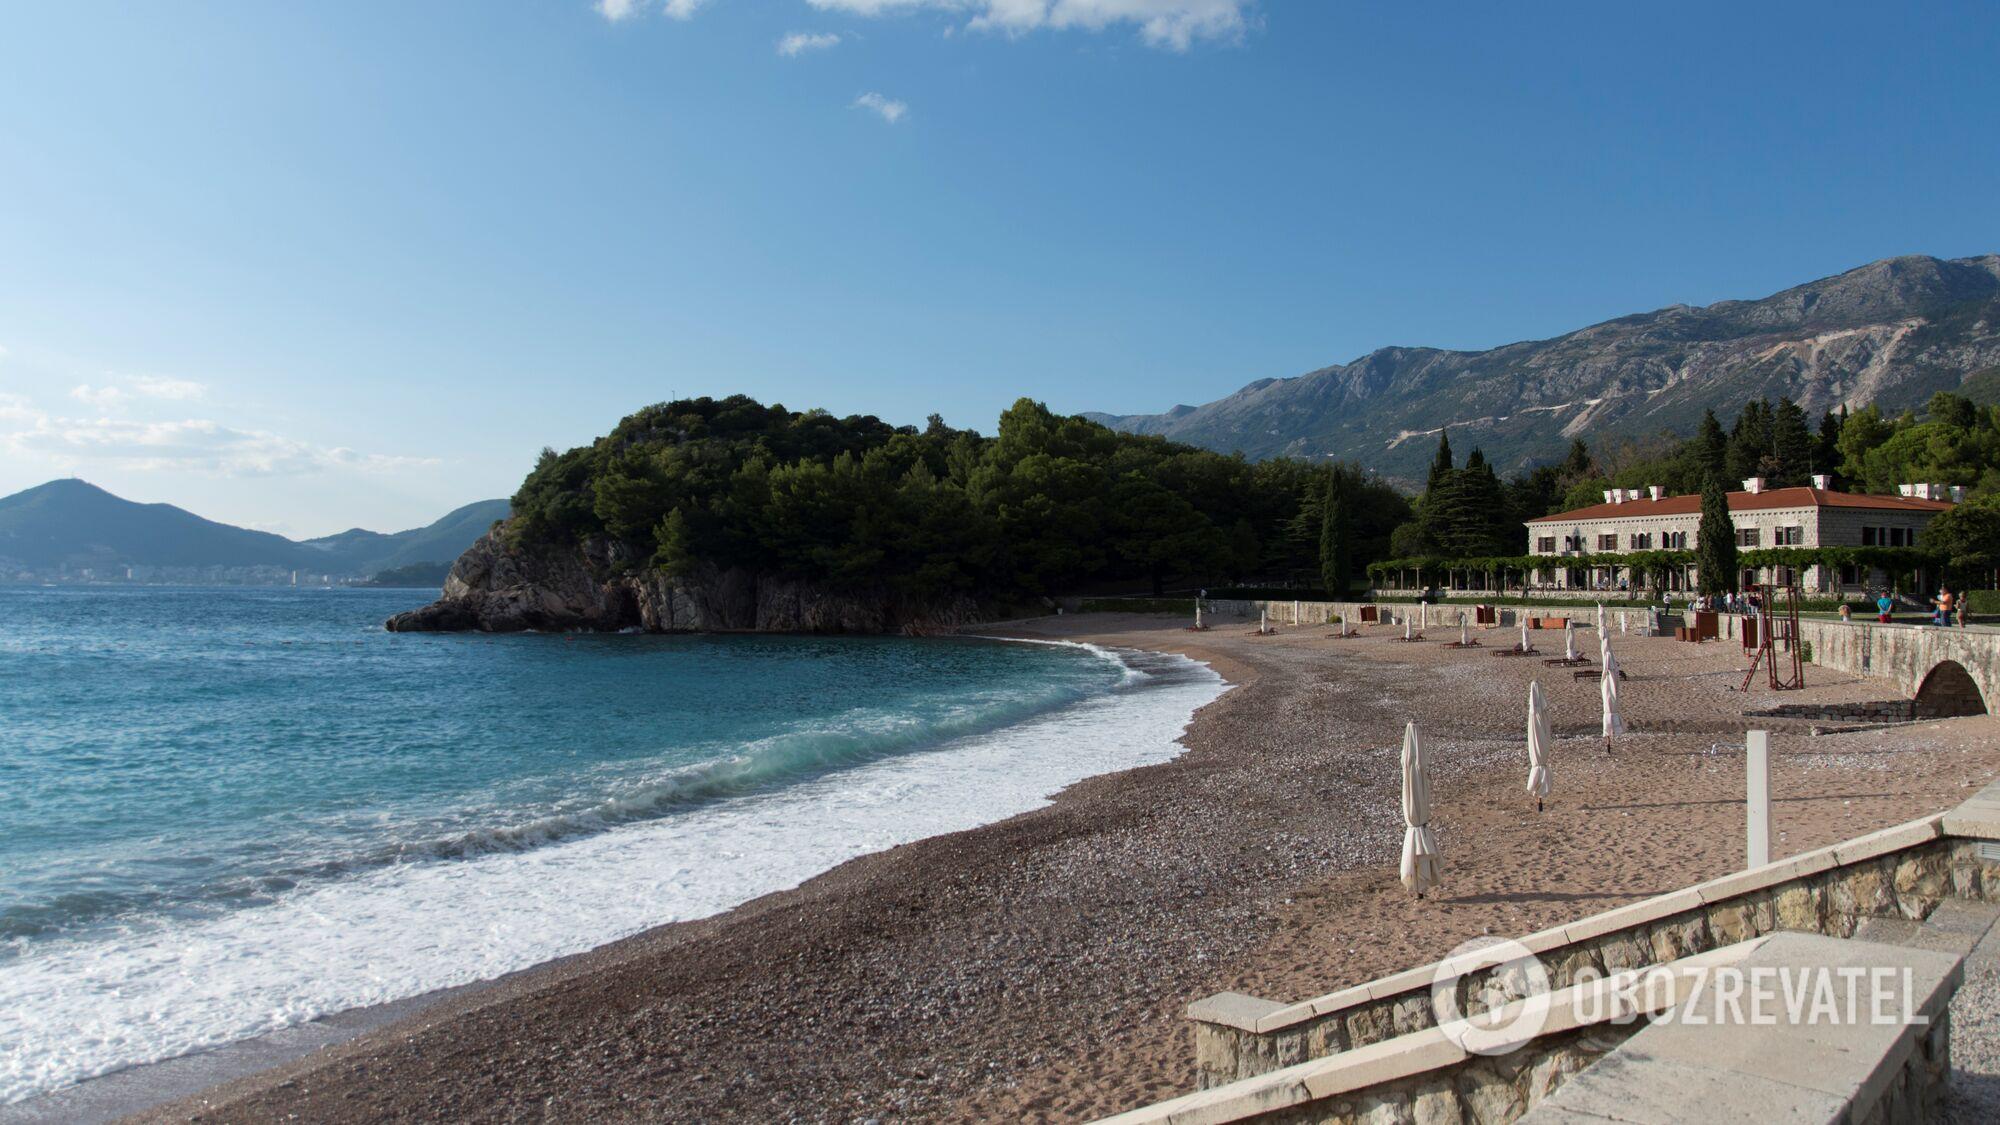 Відпочинок у Чорногорії: 10 речей, які має знати кожен турист